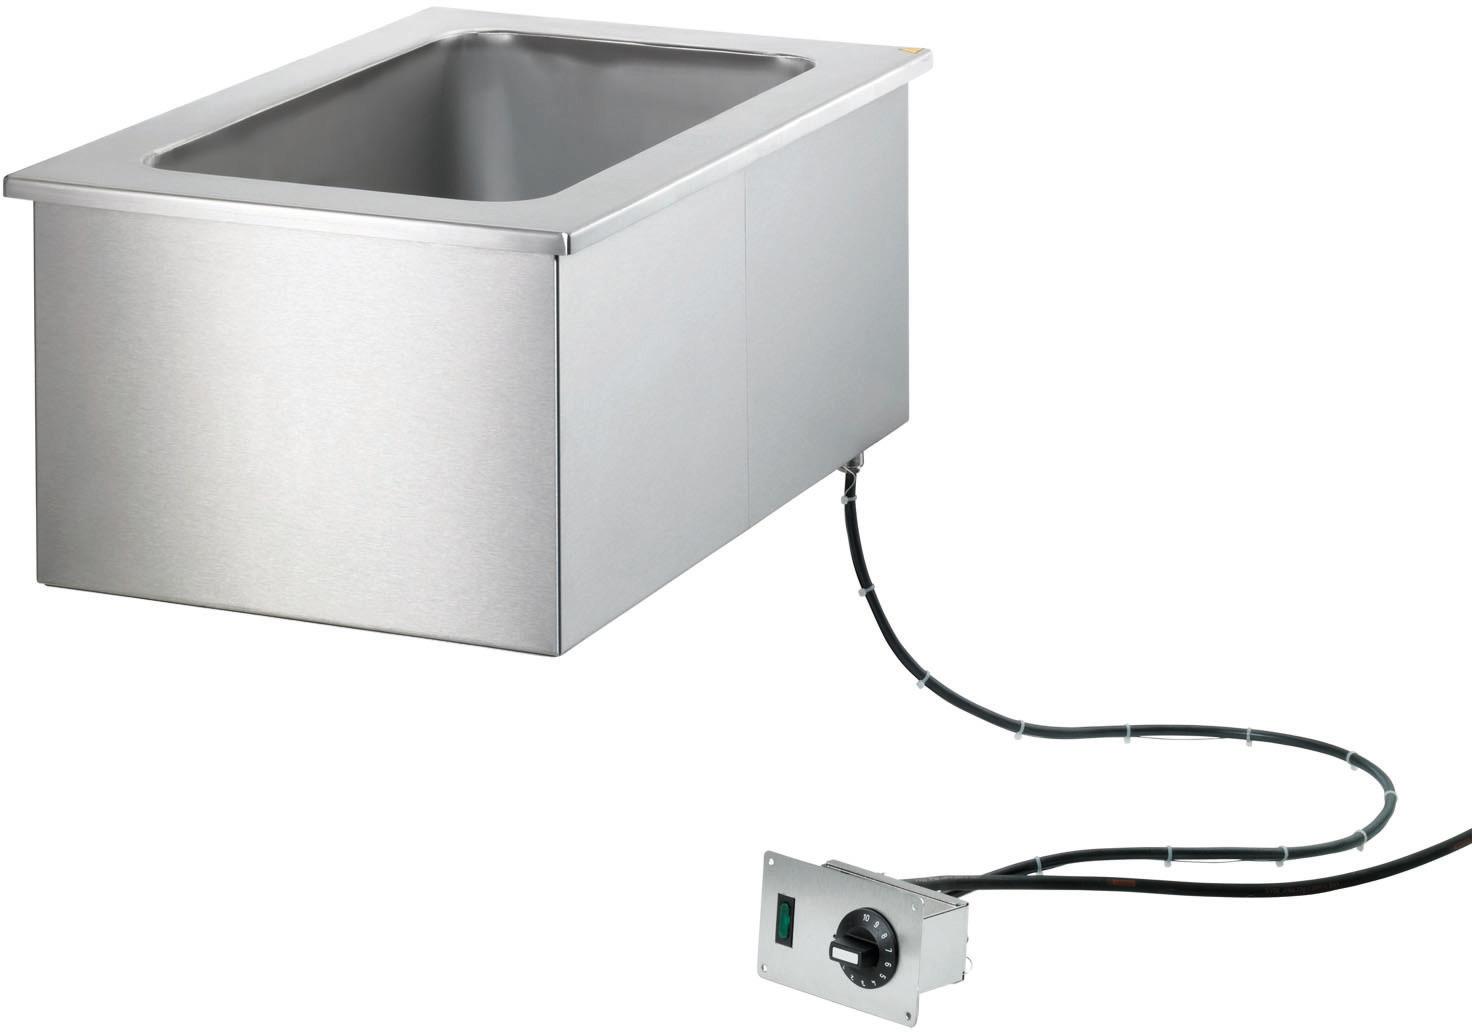 Elektro-Bain Marie Einbaugerät GN 1/1 -  200 mm tief / manuelle Befüllung